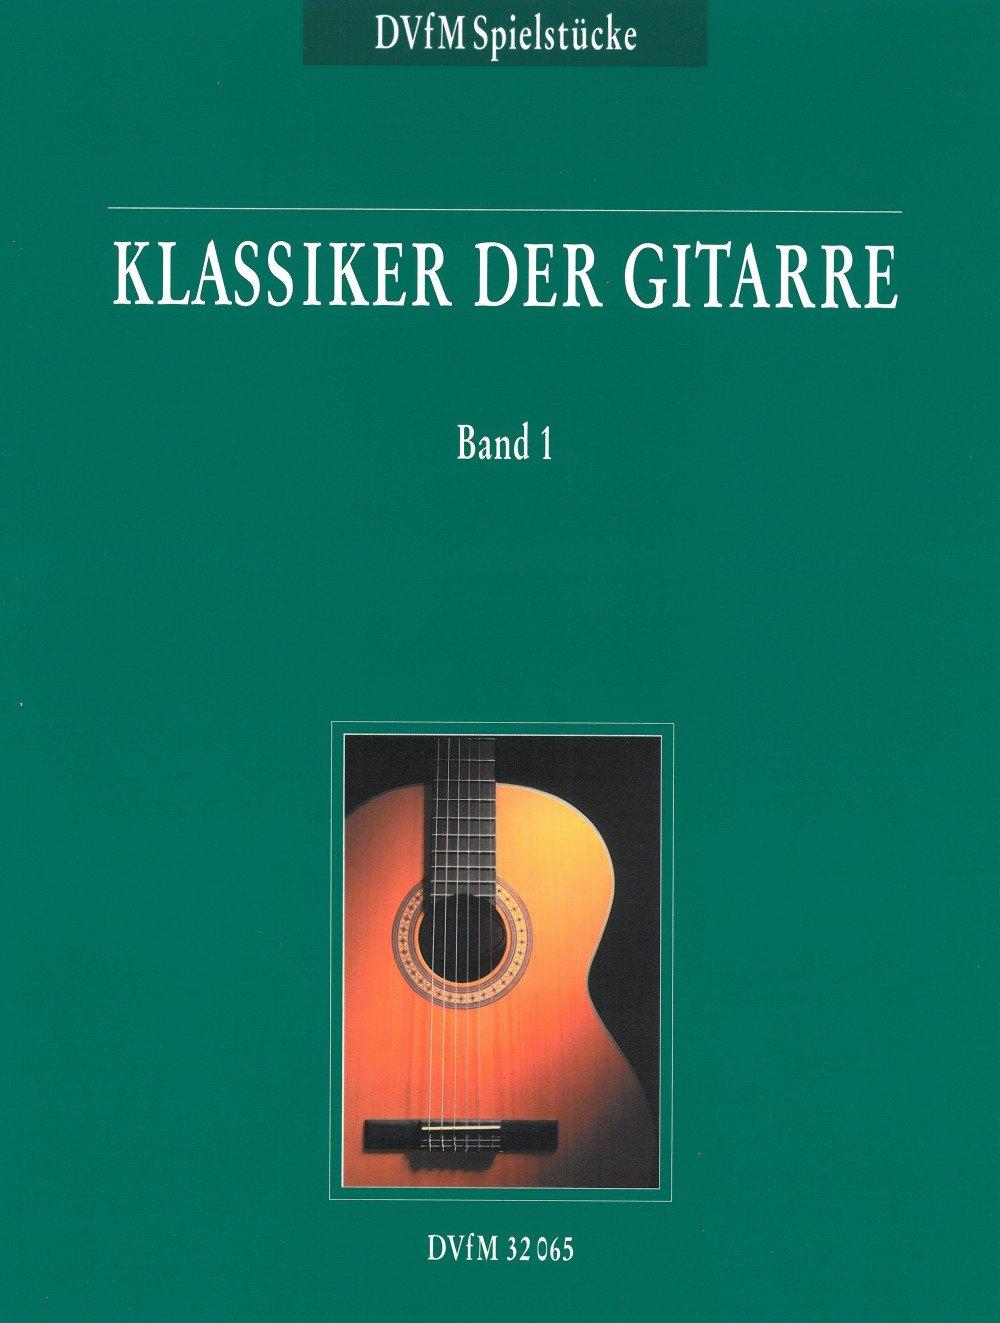 Klassiker der Gitarre Band 1 (DV 32065)